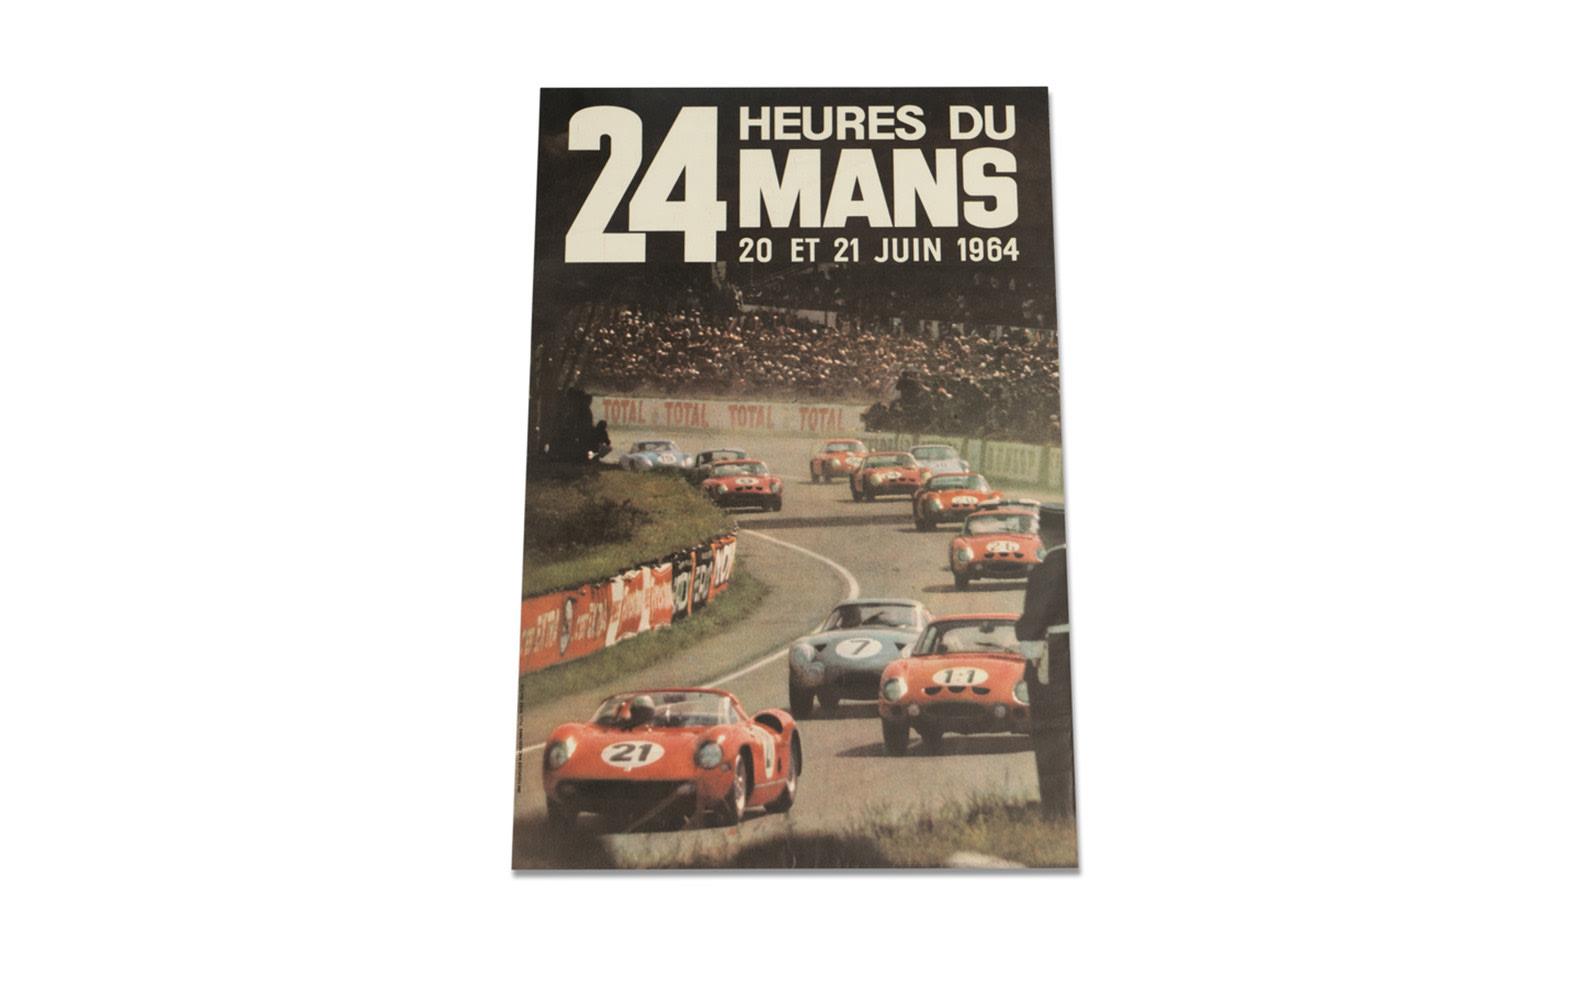 24 Heures du Mans Poster, 1964